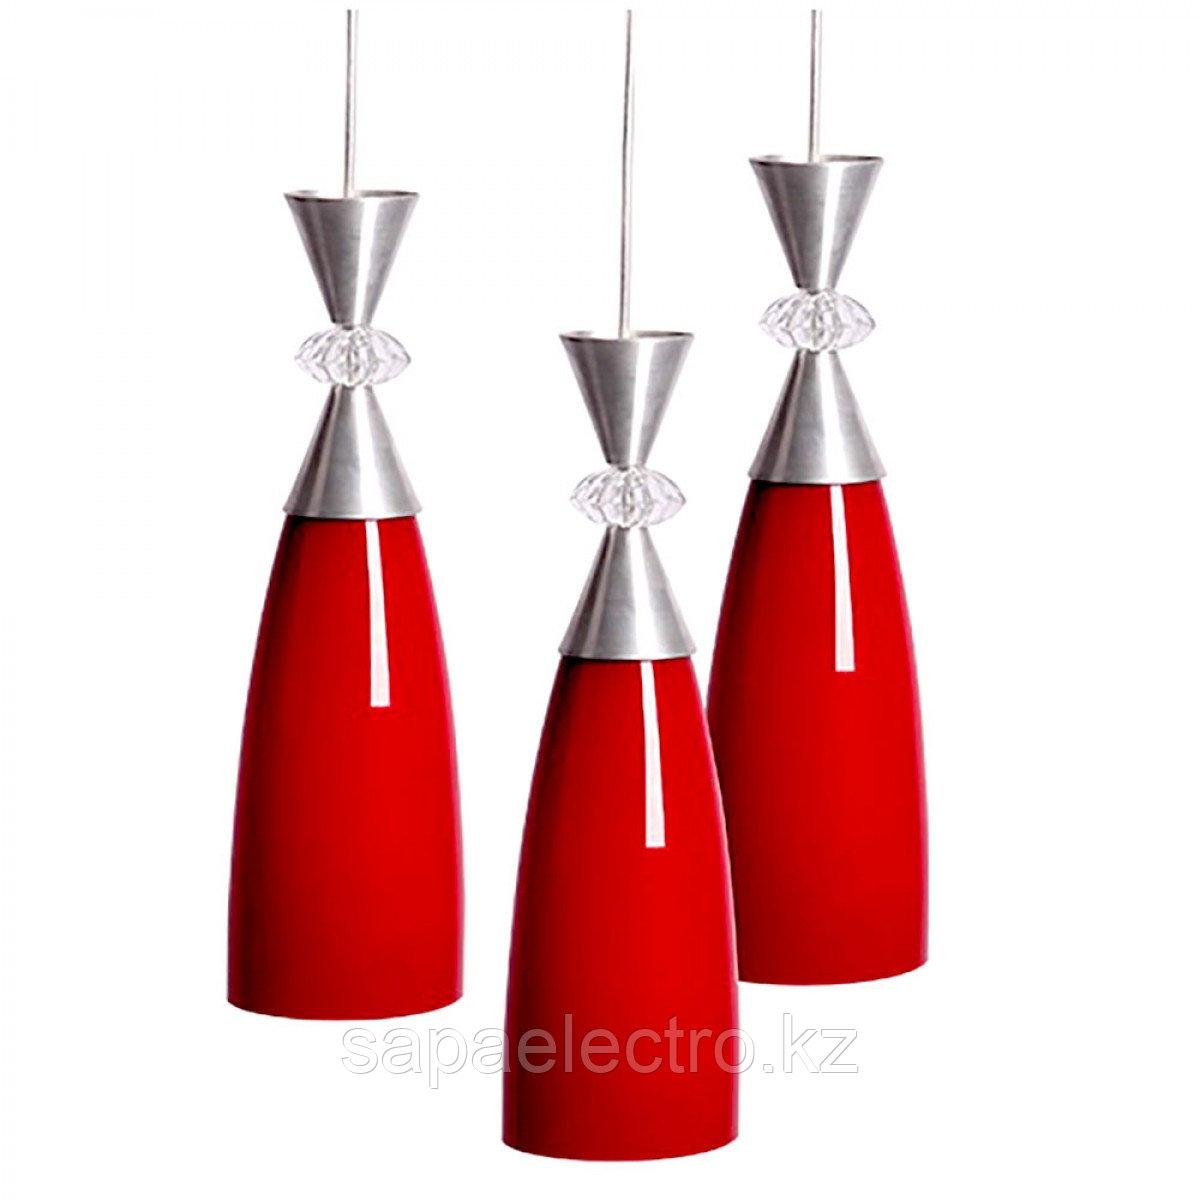 Свет-к  8048-3  E27  SHINY RED TEKSAN (2шт)